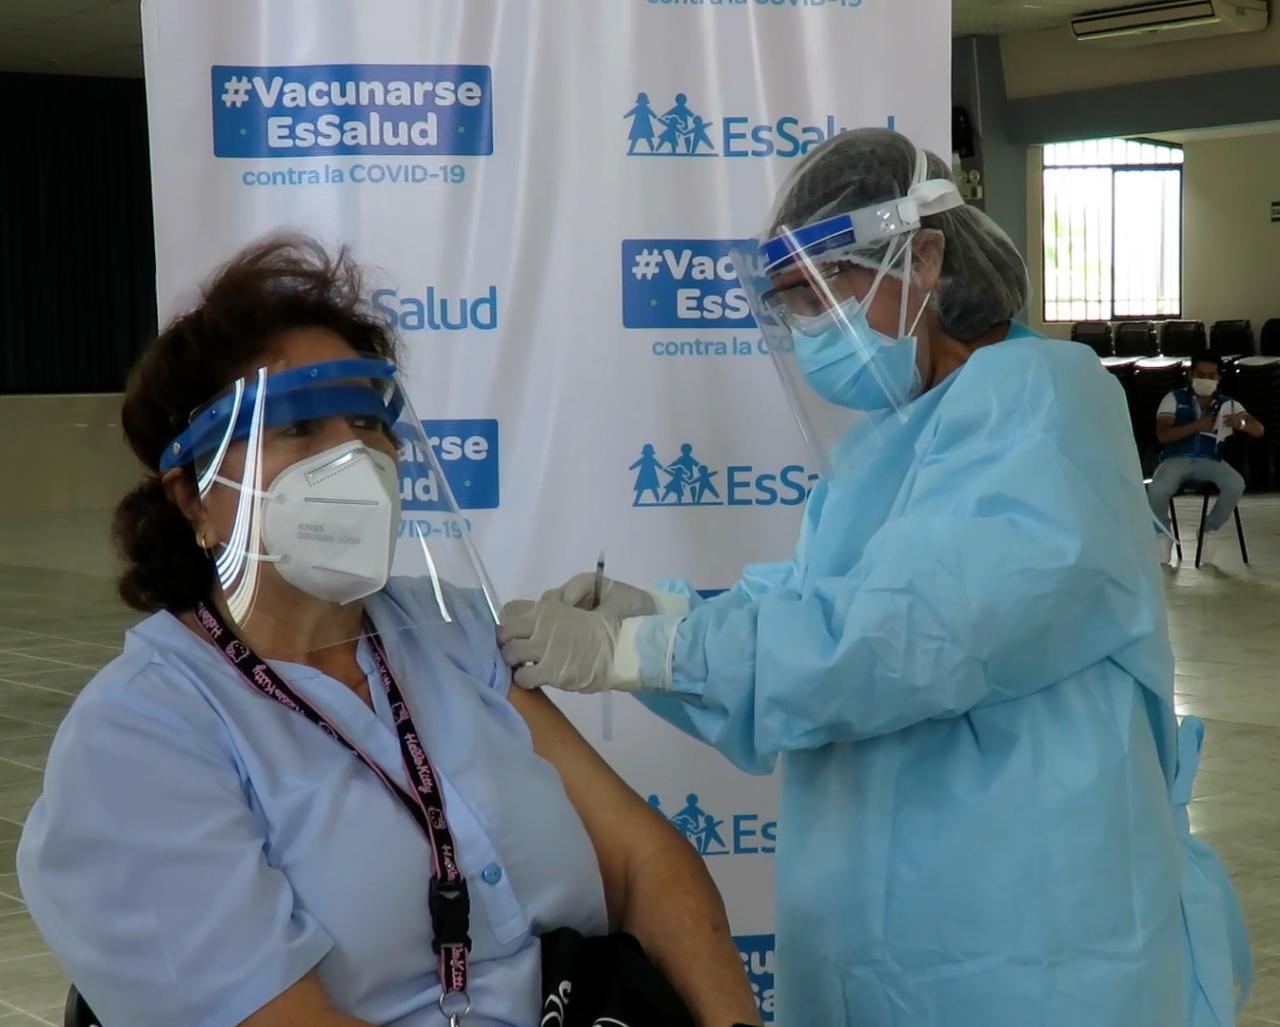 Essalud - Personal de EsSalud en zona de frontera invitan a sus colegas a vacunarse para brindar una mejor atención a sus pacientes